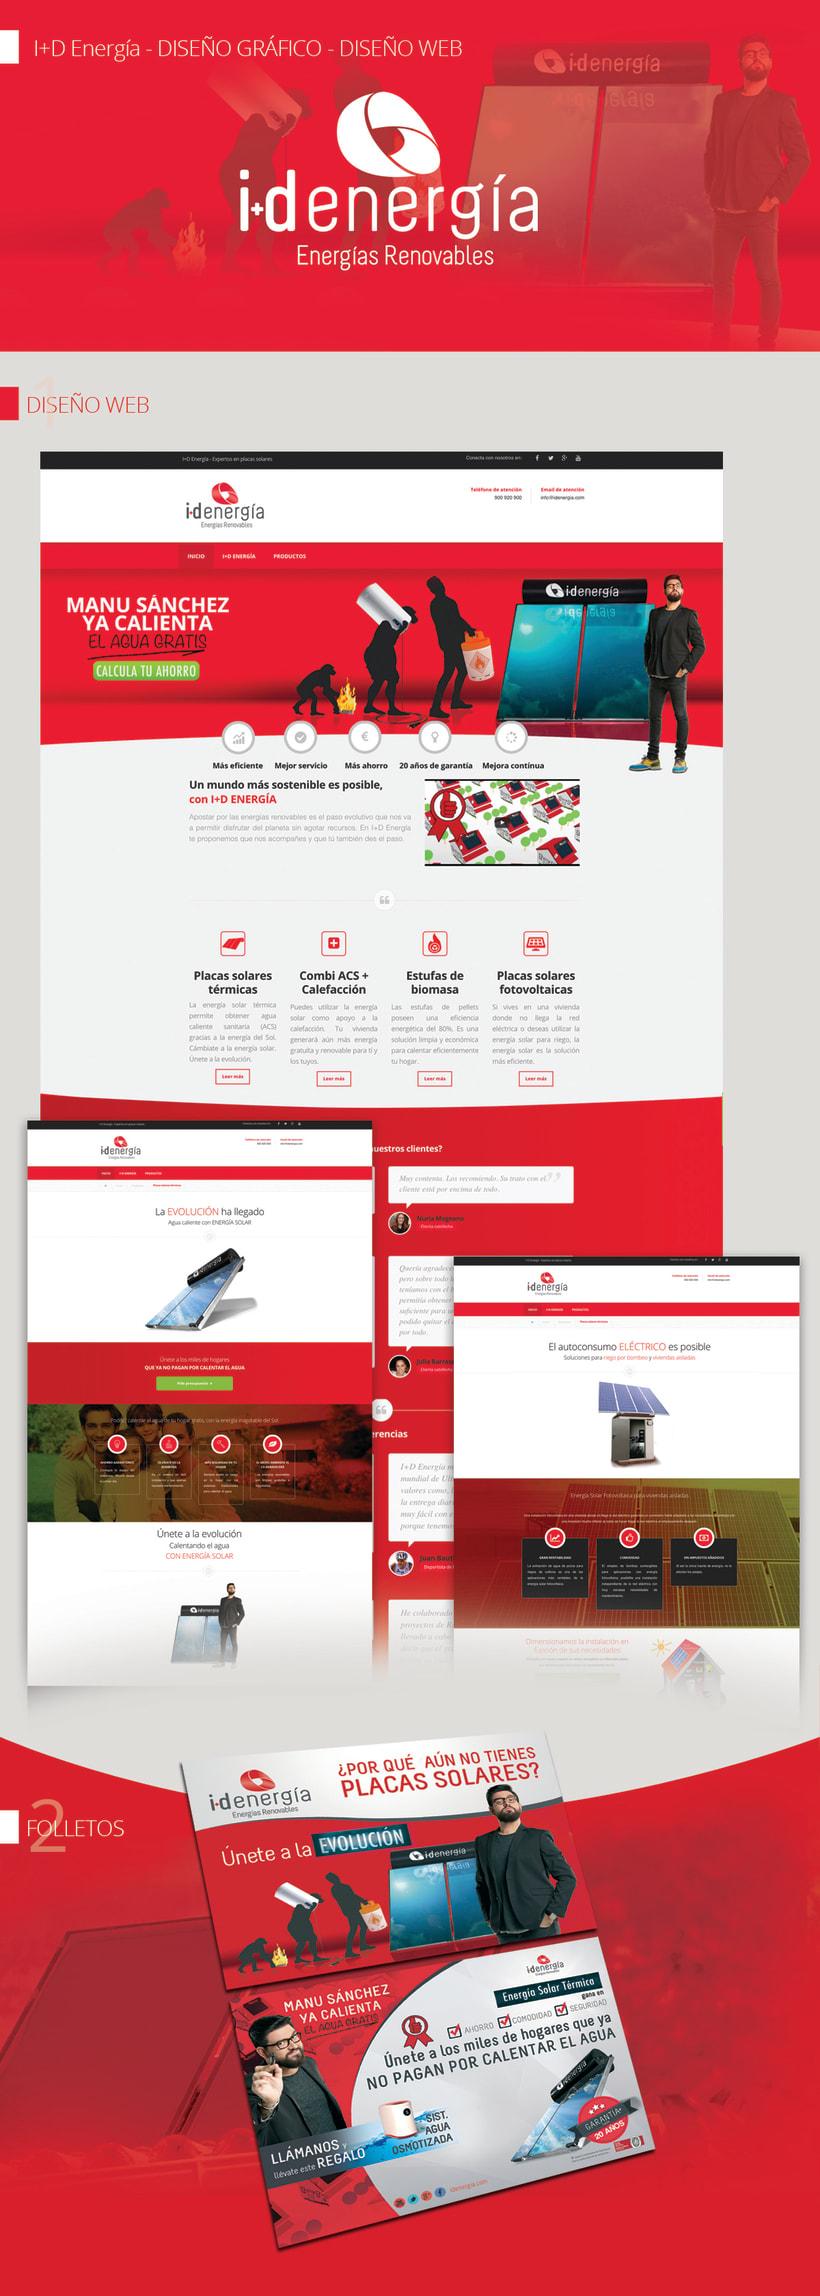 I+D Energía - Diseño para medios publicitarios y corporativos 0